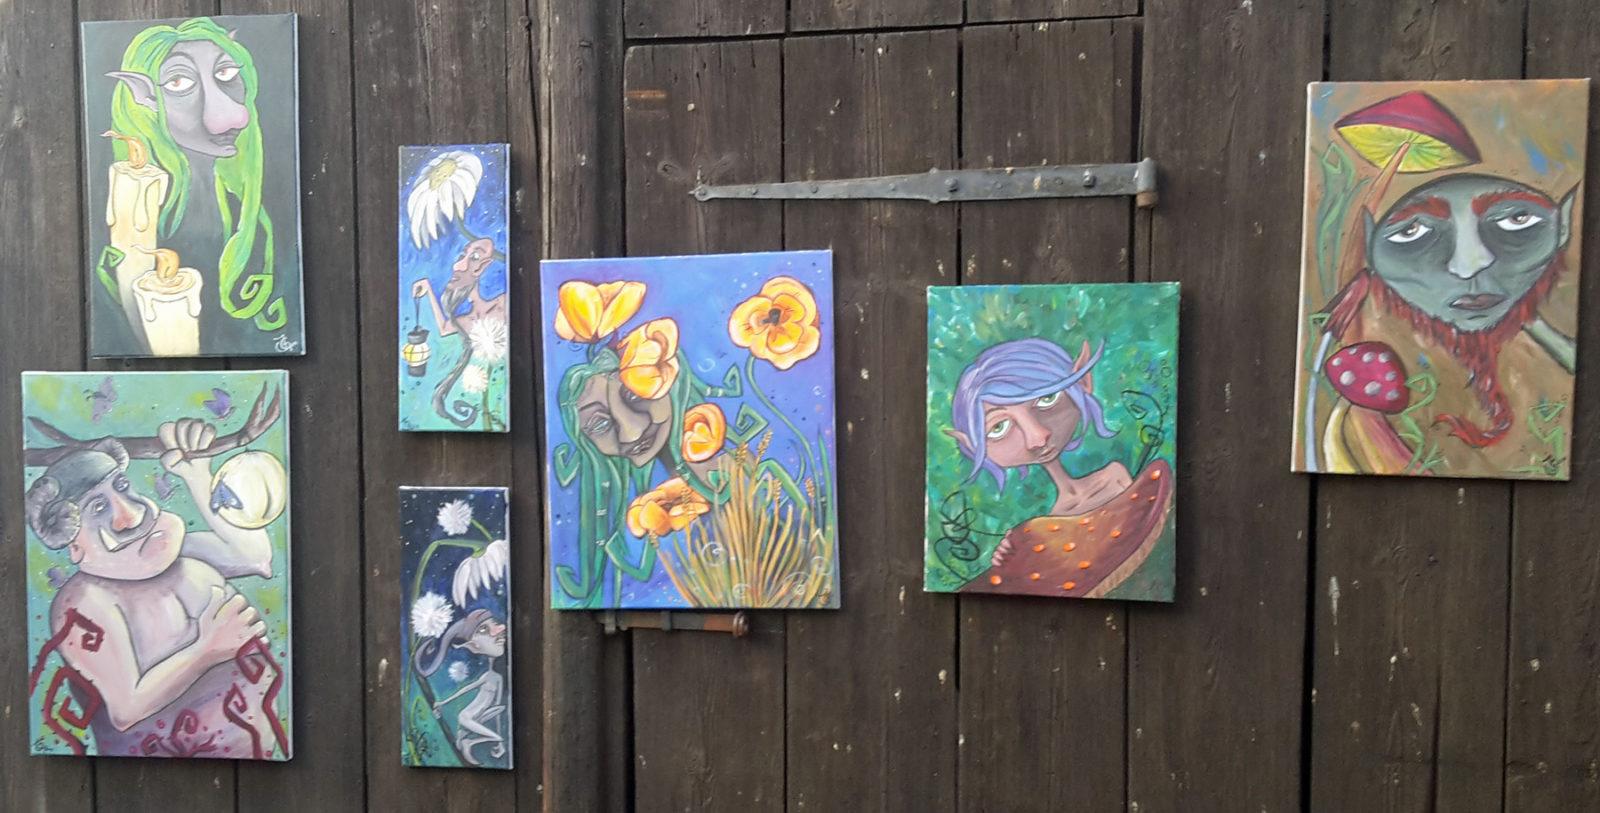 Arbeiten von Knödelillustrationen by Gnomenfrau: Fantasybilder mit Bildern von Elfen und vllt. Kobolden, zwischen Blumen und Bäumen. Die Figuren bewegen sich zwischen comighafter Darstellung und Zeichnung